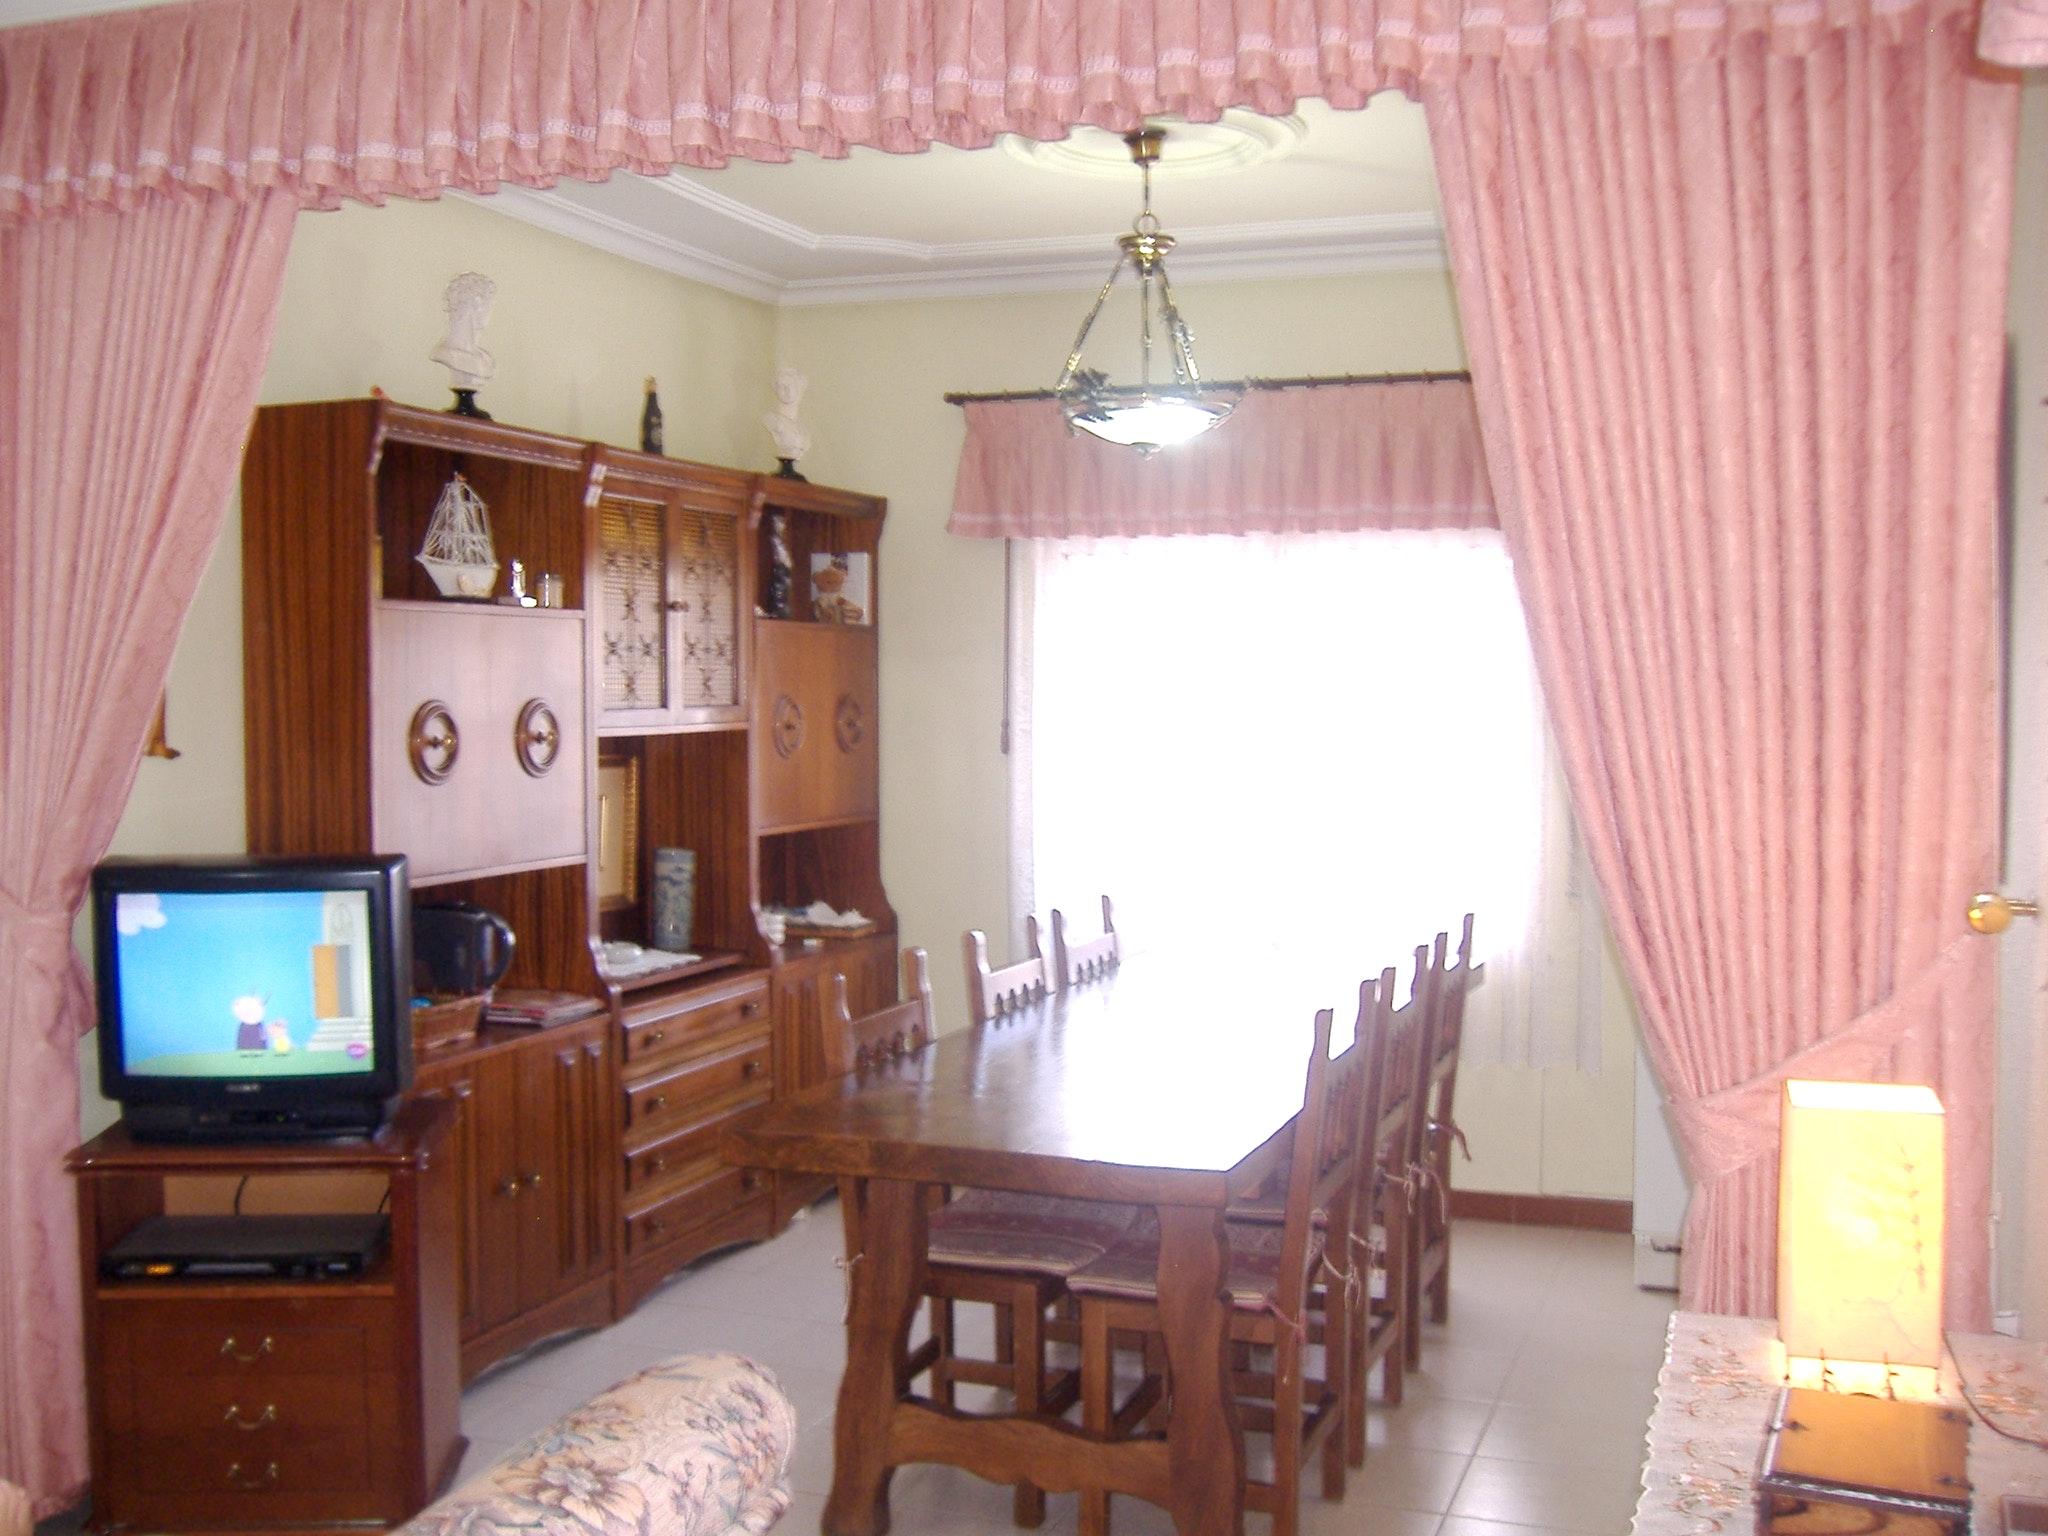 Ferienhaus Haus mit 2 Schlafzimmern in Chatún mit privatem Pool, eingezäuntem Garten und W-LAN (2201405), Chatun, Segovia, Kastilien-León, Spanien, Bild 10